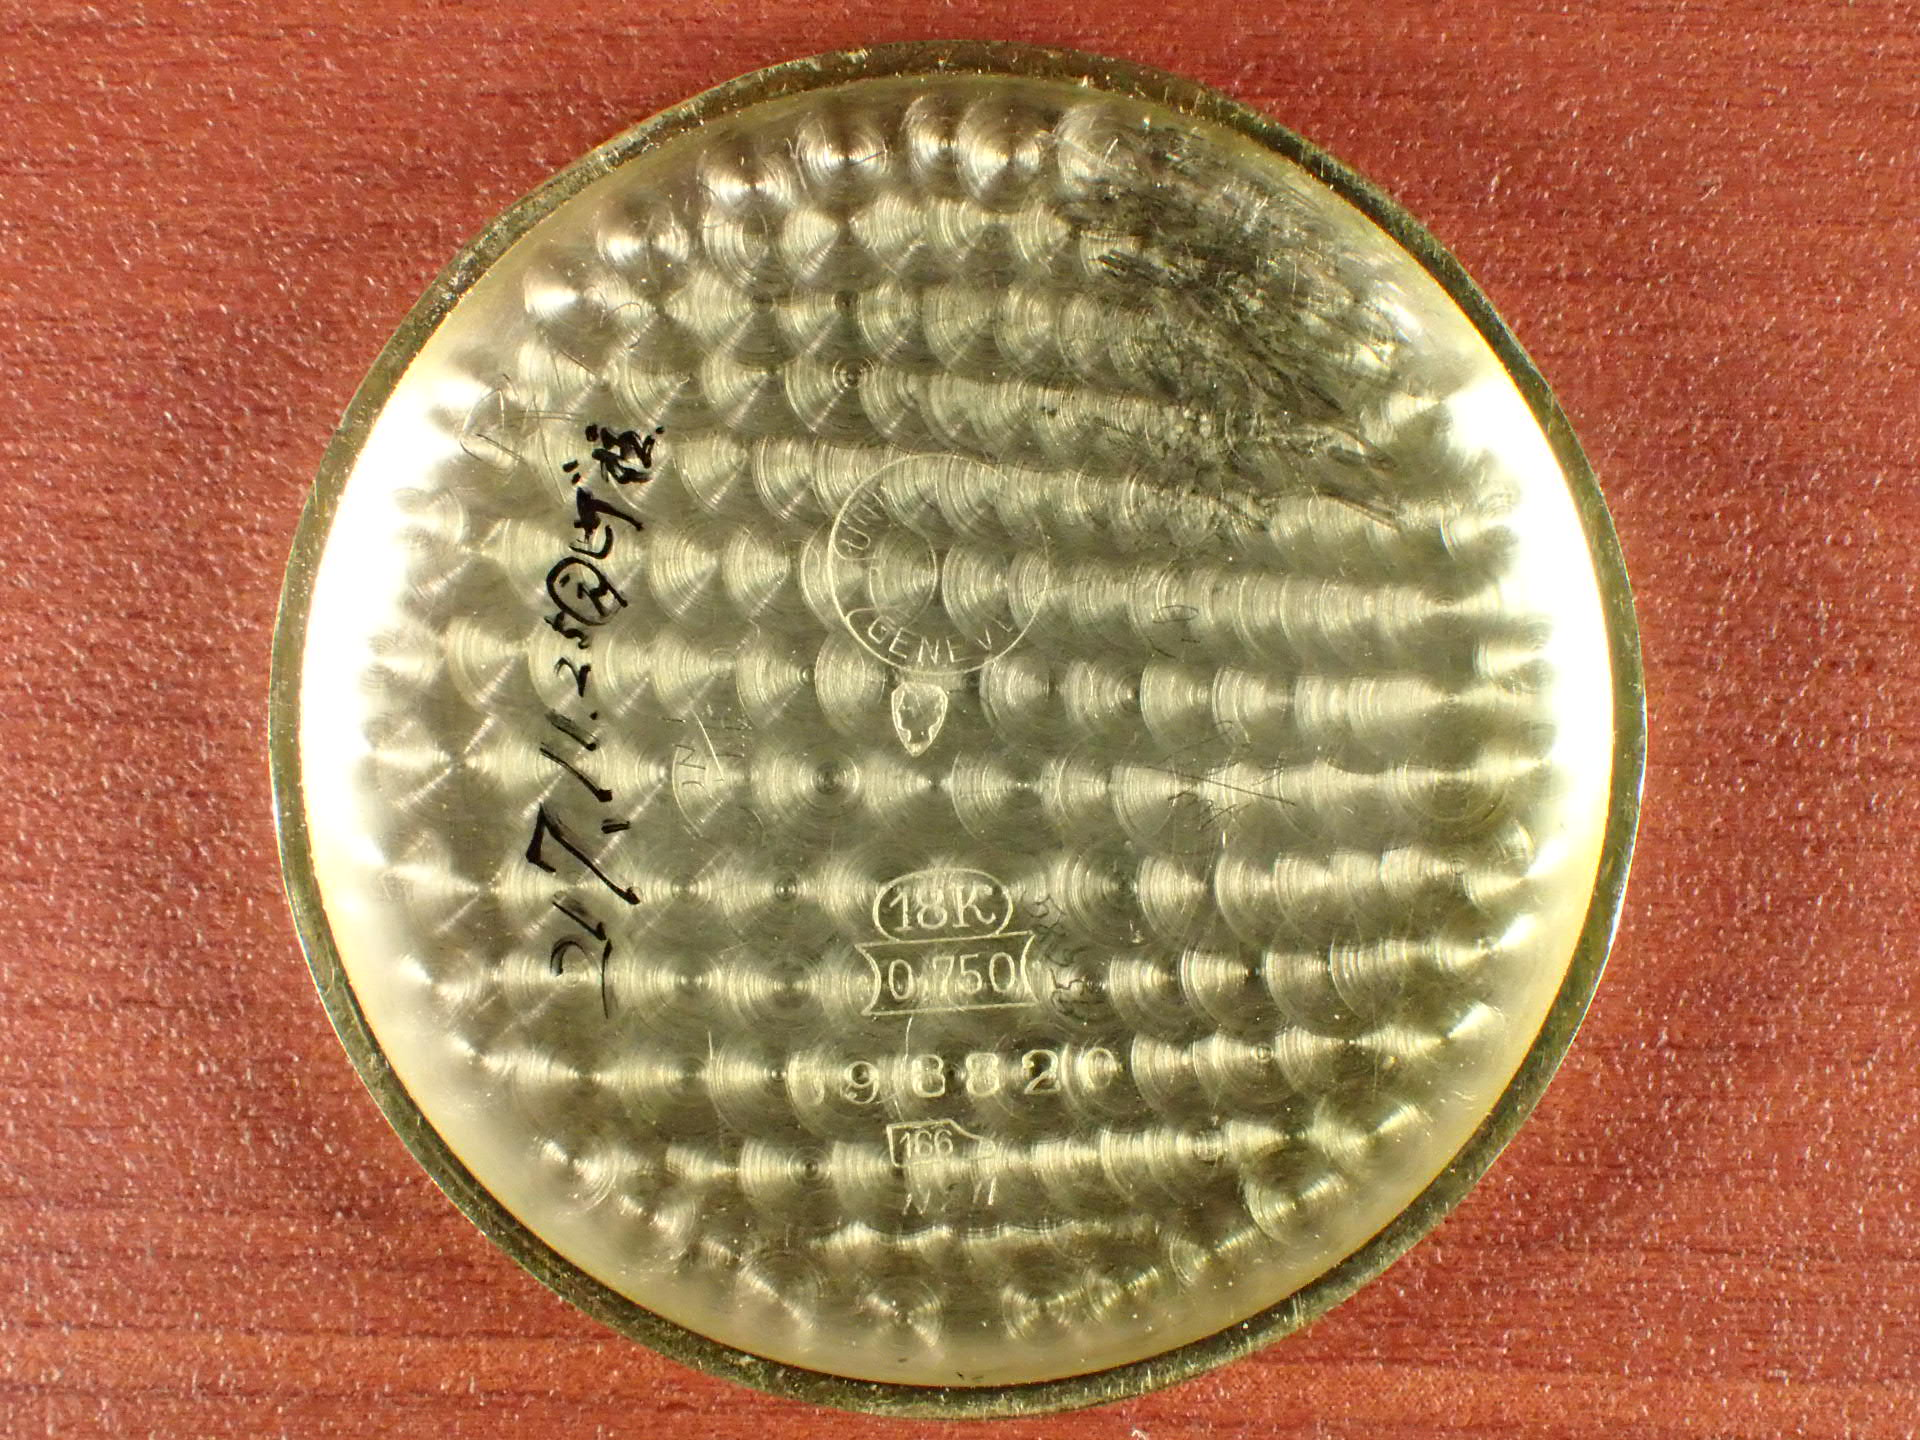 ユニバーサル 18KYG クロノグラフ Cal.287 ブラックダイアル 1930年代の写真6枚目